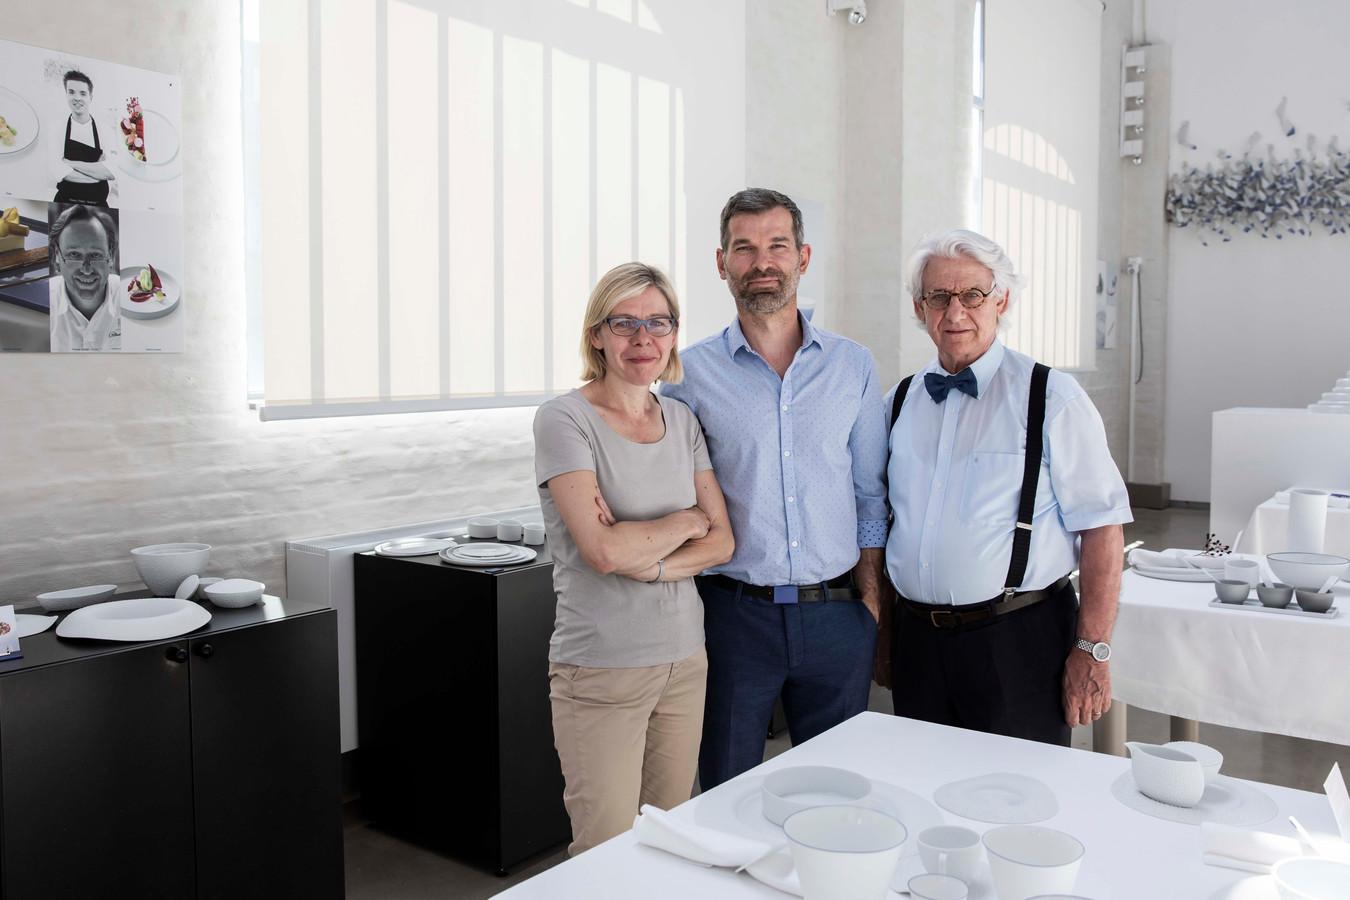 """Piet Stockmans samen met zijn dochter Widukind en schoonzoon Frank Claesens bij de collectie """"Dauw"""". Dat thema komt terug in de borden die bestemd zijn voor Mirazur, het beste restaurant van de wereld."""